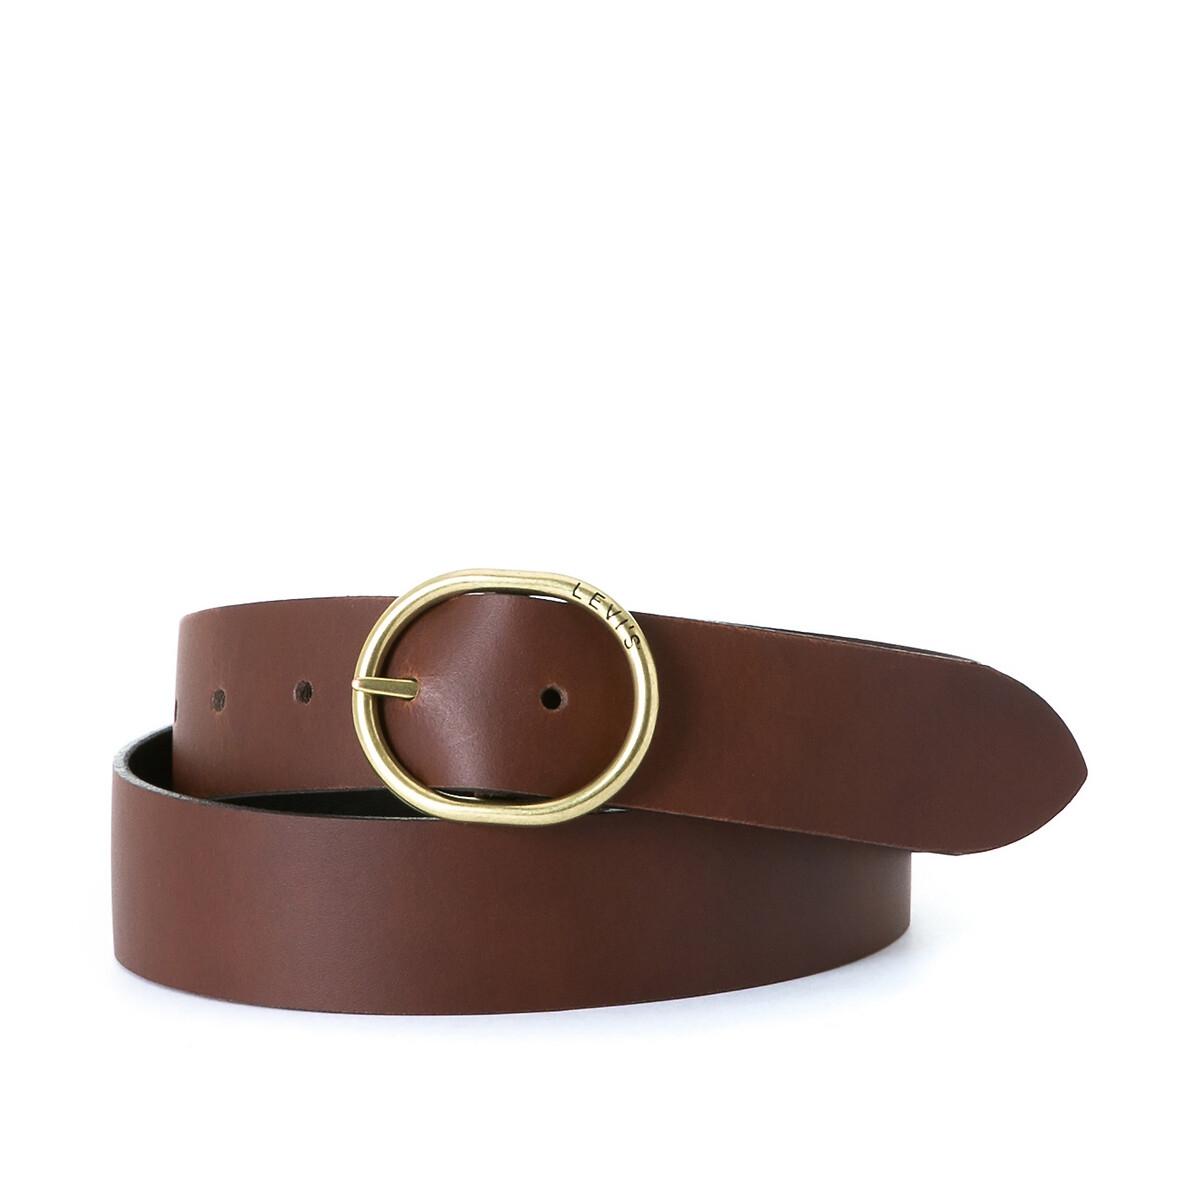 Cinturón de piel Arletha